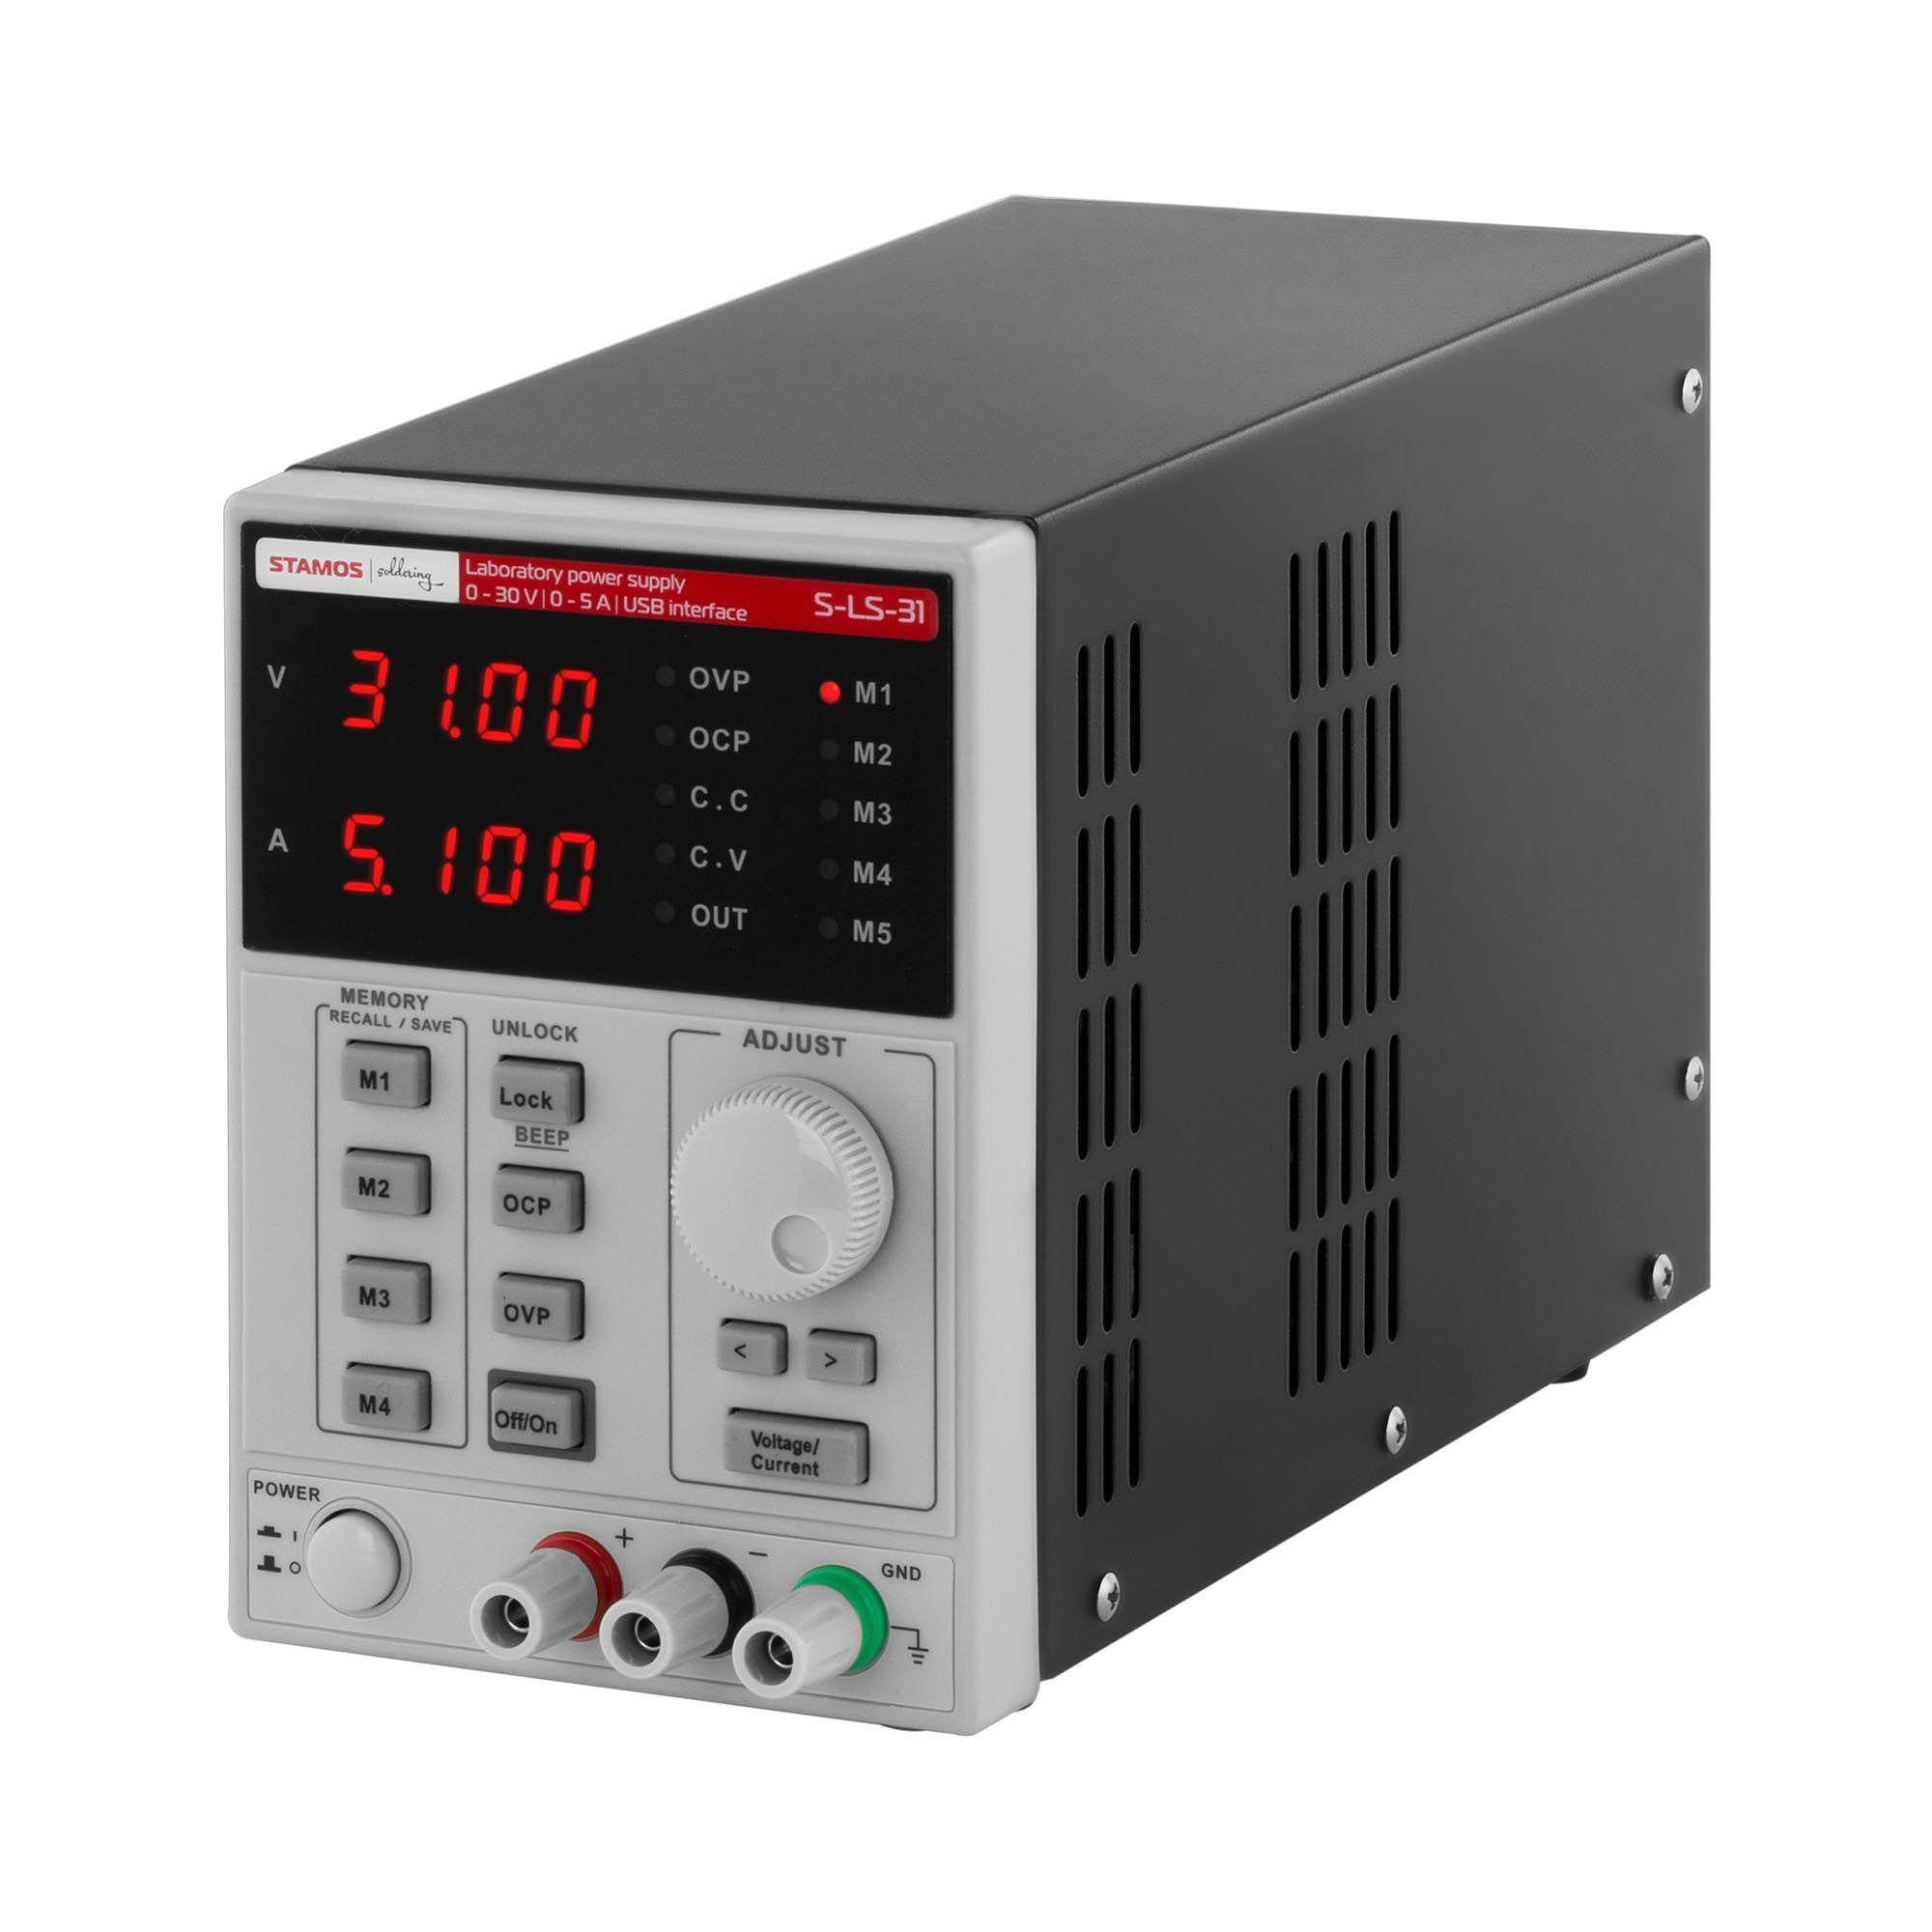 Stamos Soldering Alimentation de laboratoire - 0-30 V, 0-5 A CC, 250 W - USB - 4 espaces de sauvegarde S-LS-31